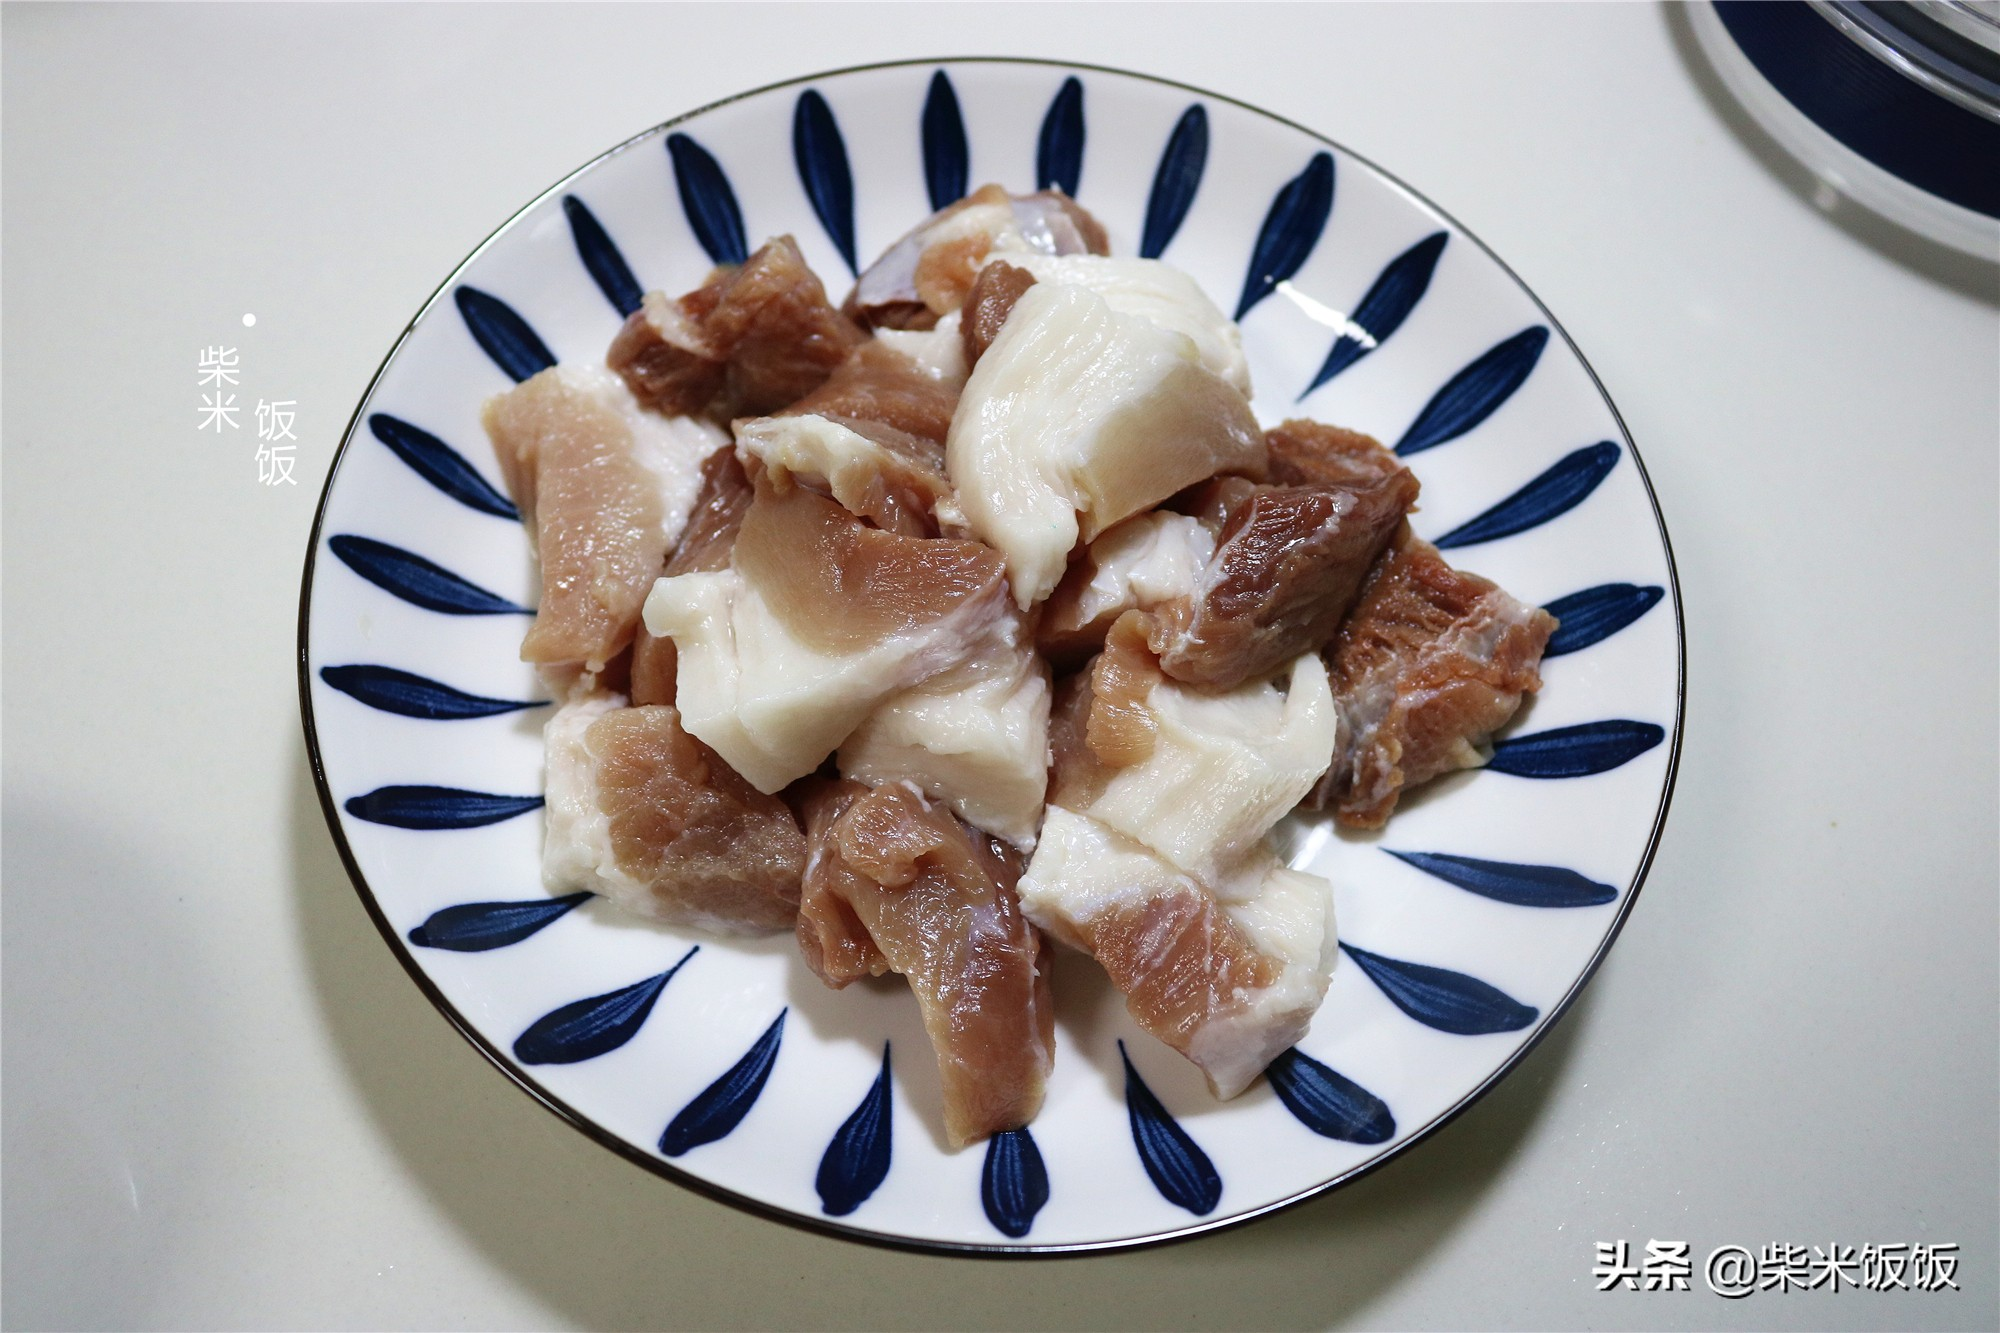 餛飩的家常做法,從擀皮到調餡全教你,湯鮮肉香,太好吃了